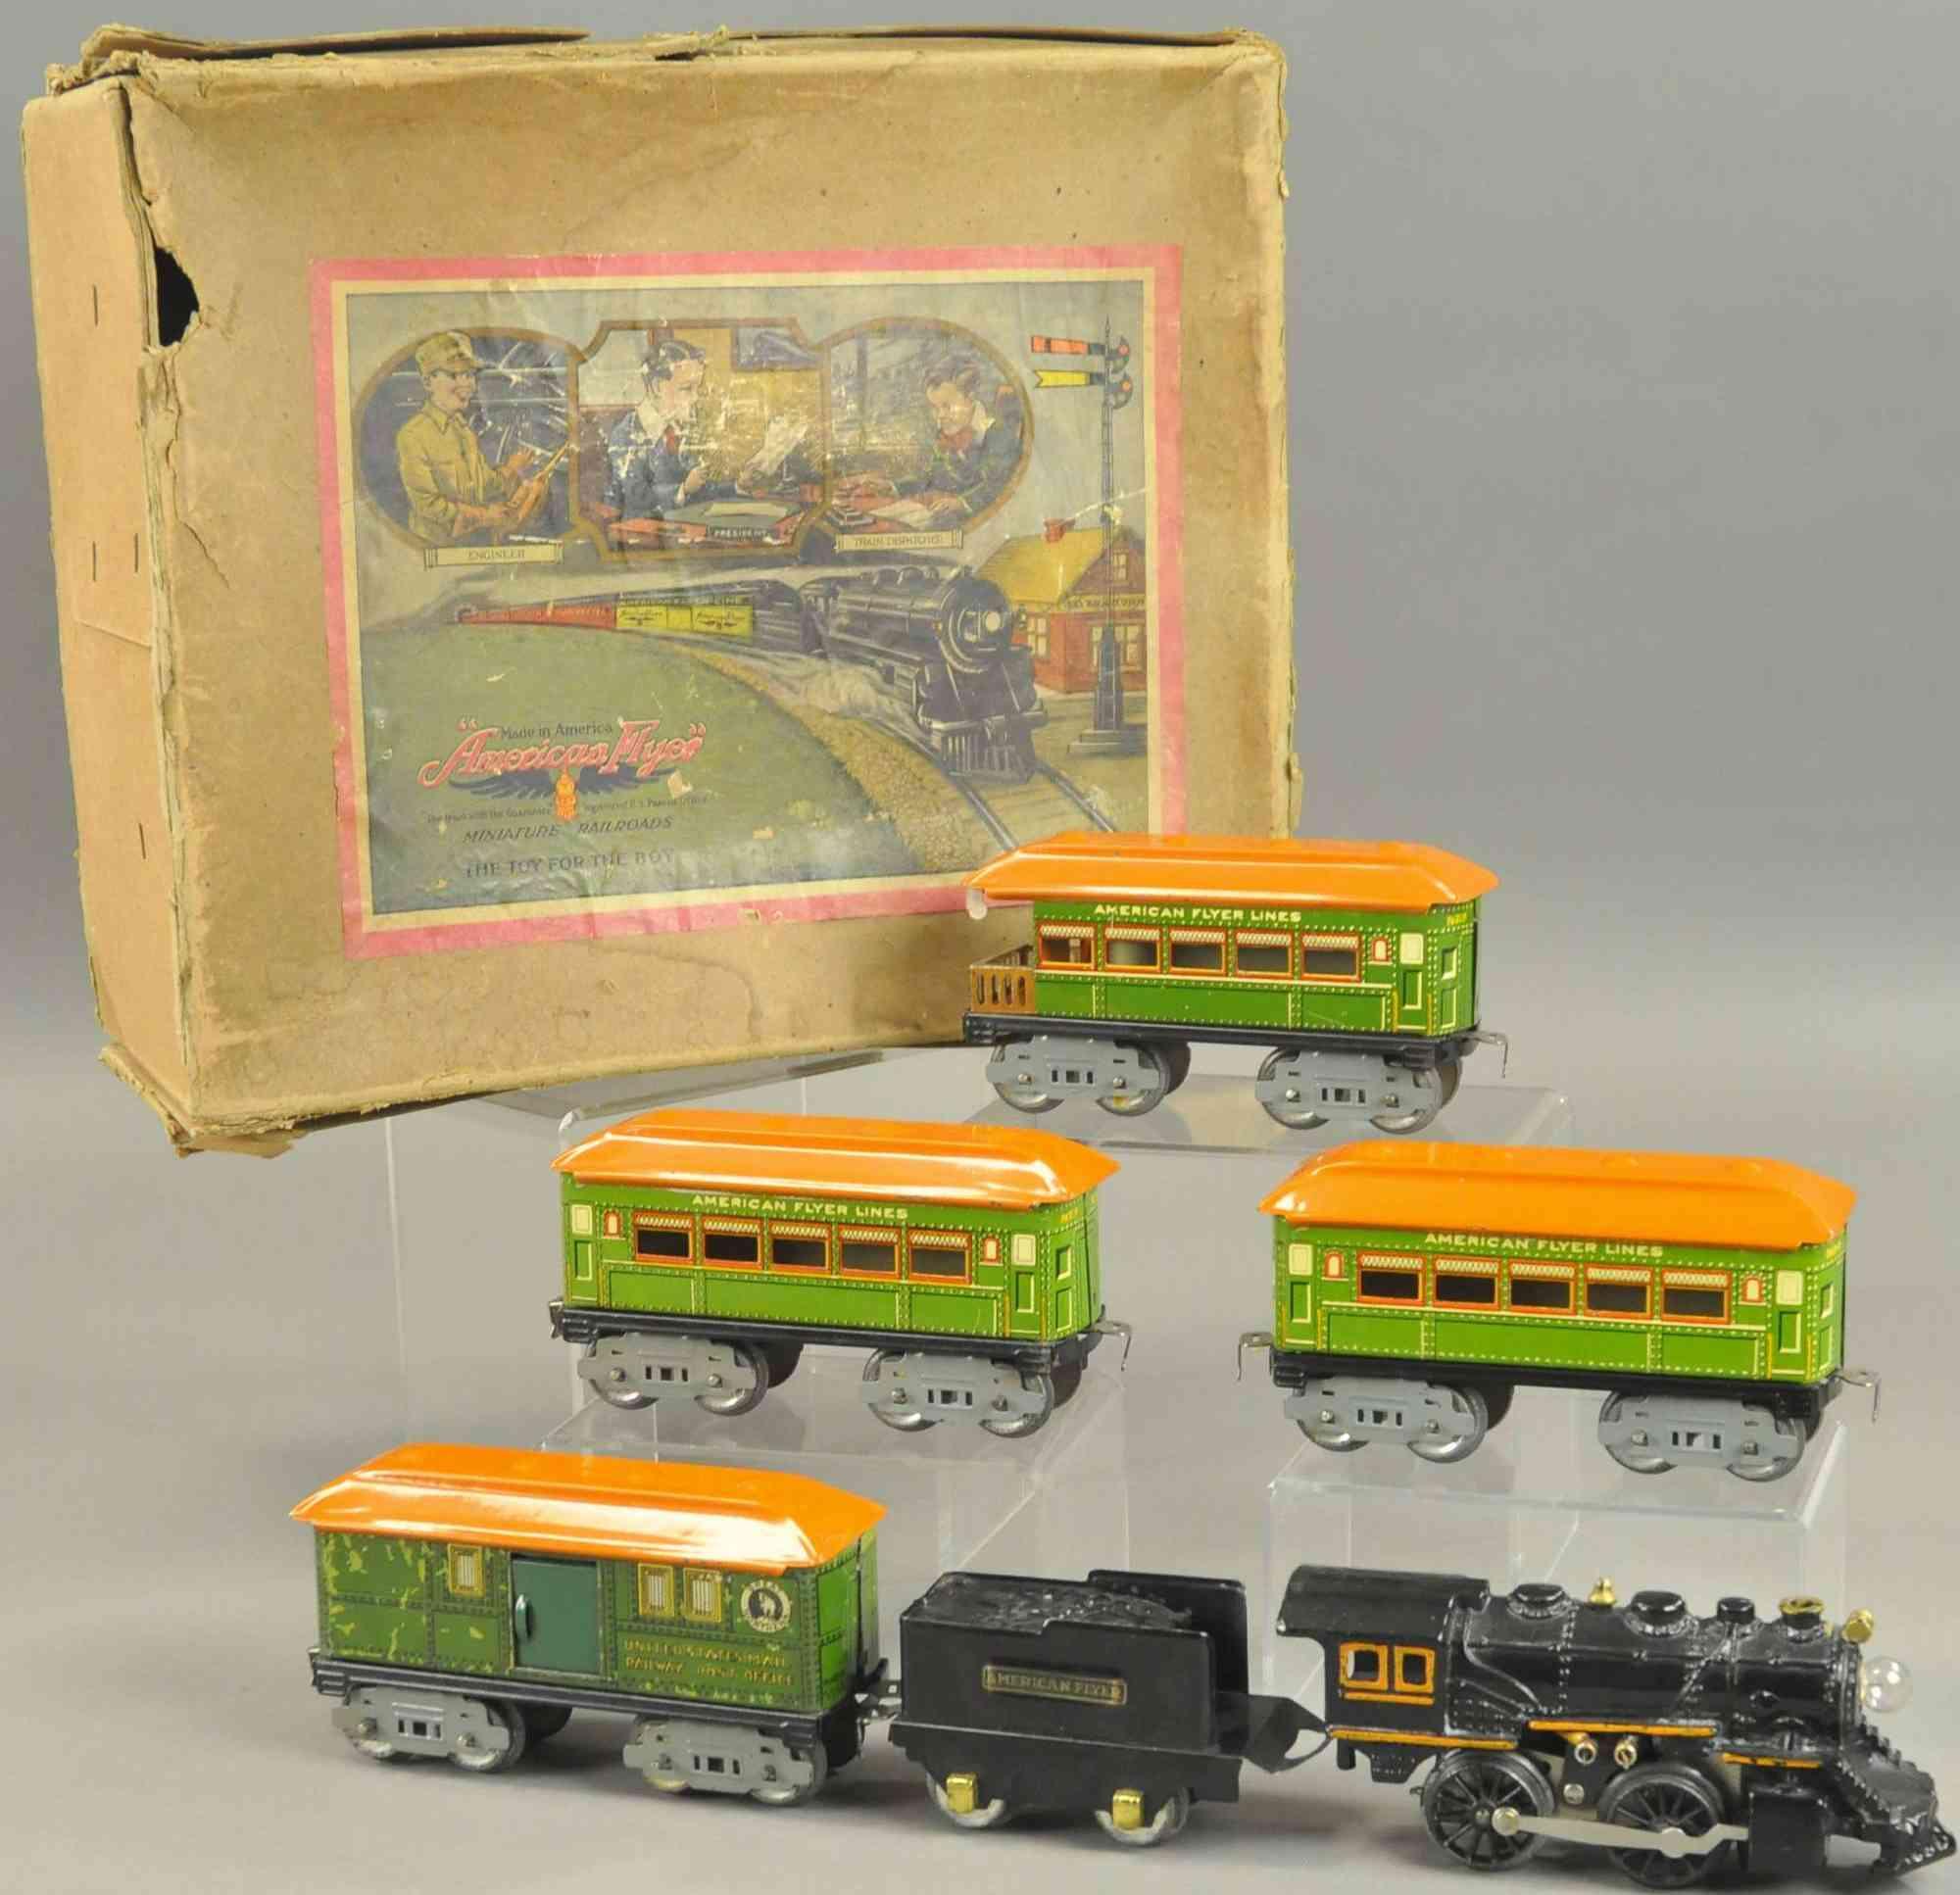 american flyer  spielzeug eisenbahn personenzug dampflokomotive tender vier wagen spur 0